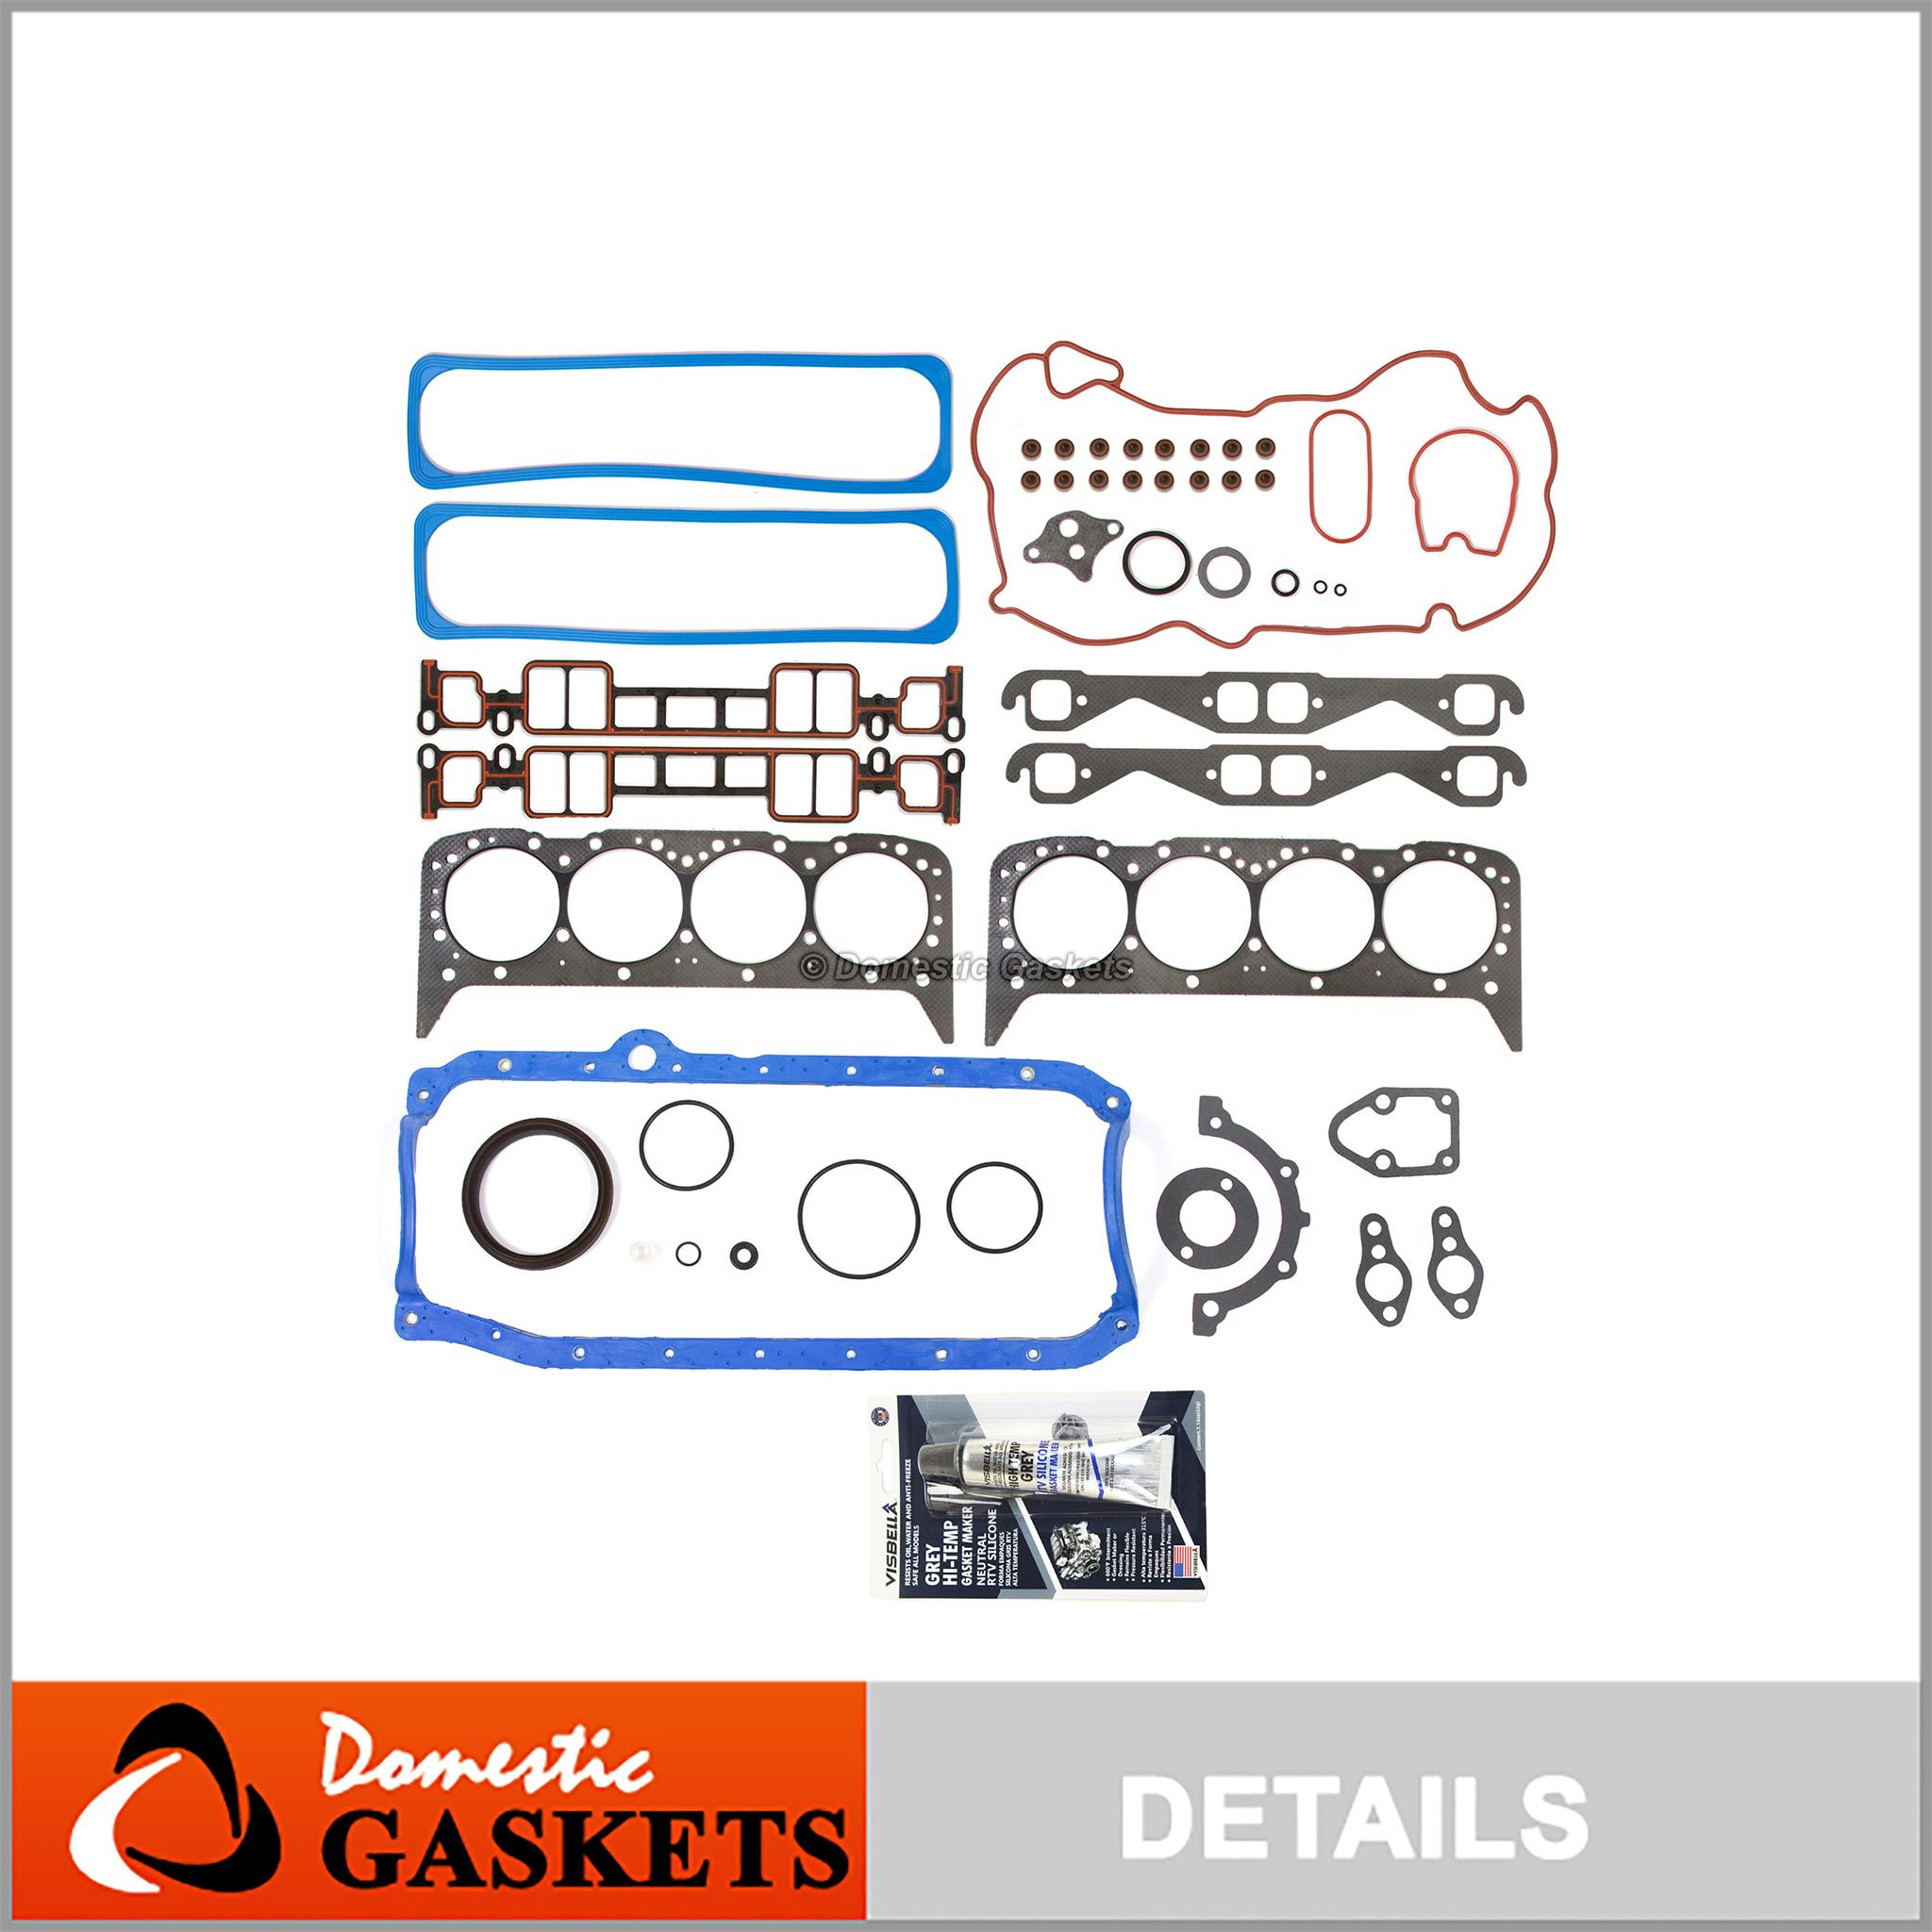 Full Gasket Set Fits 94-95 Ford Mustang 3.8L V6 OHV 12v Cu.232 VIN 4 W// RWD